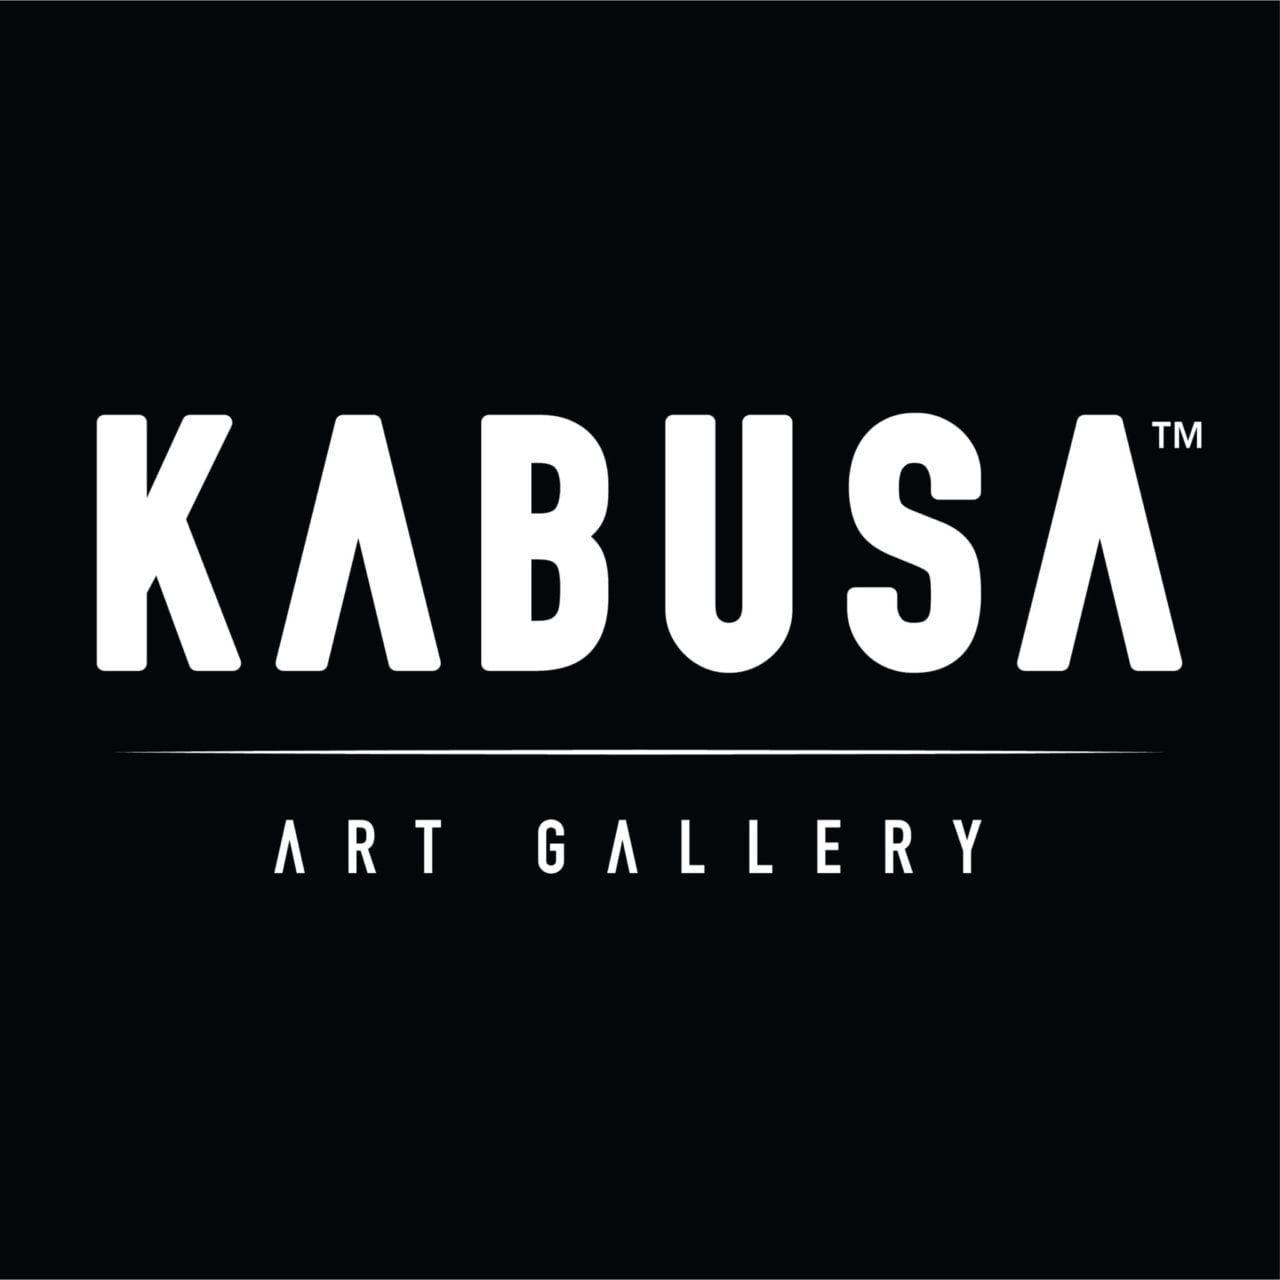 Kabusa art gallery